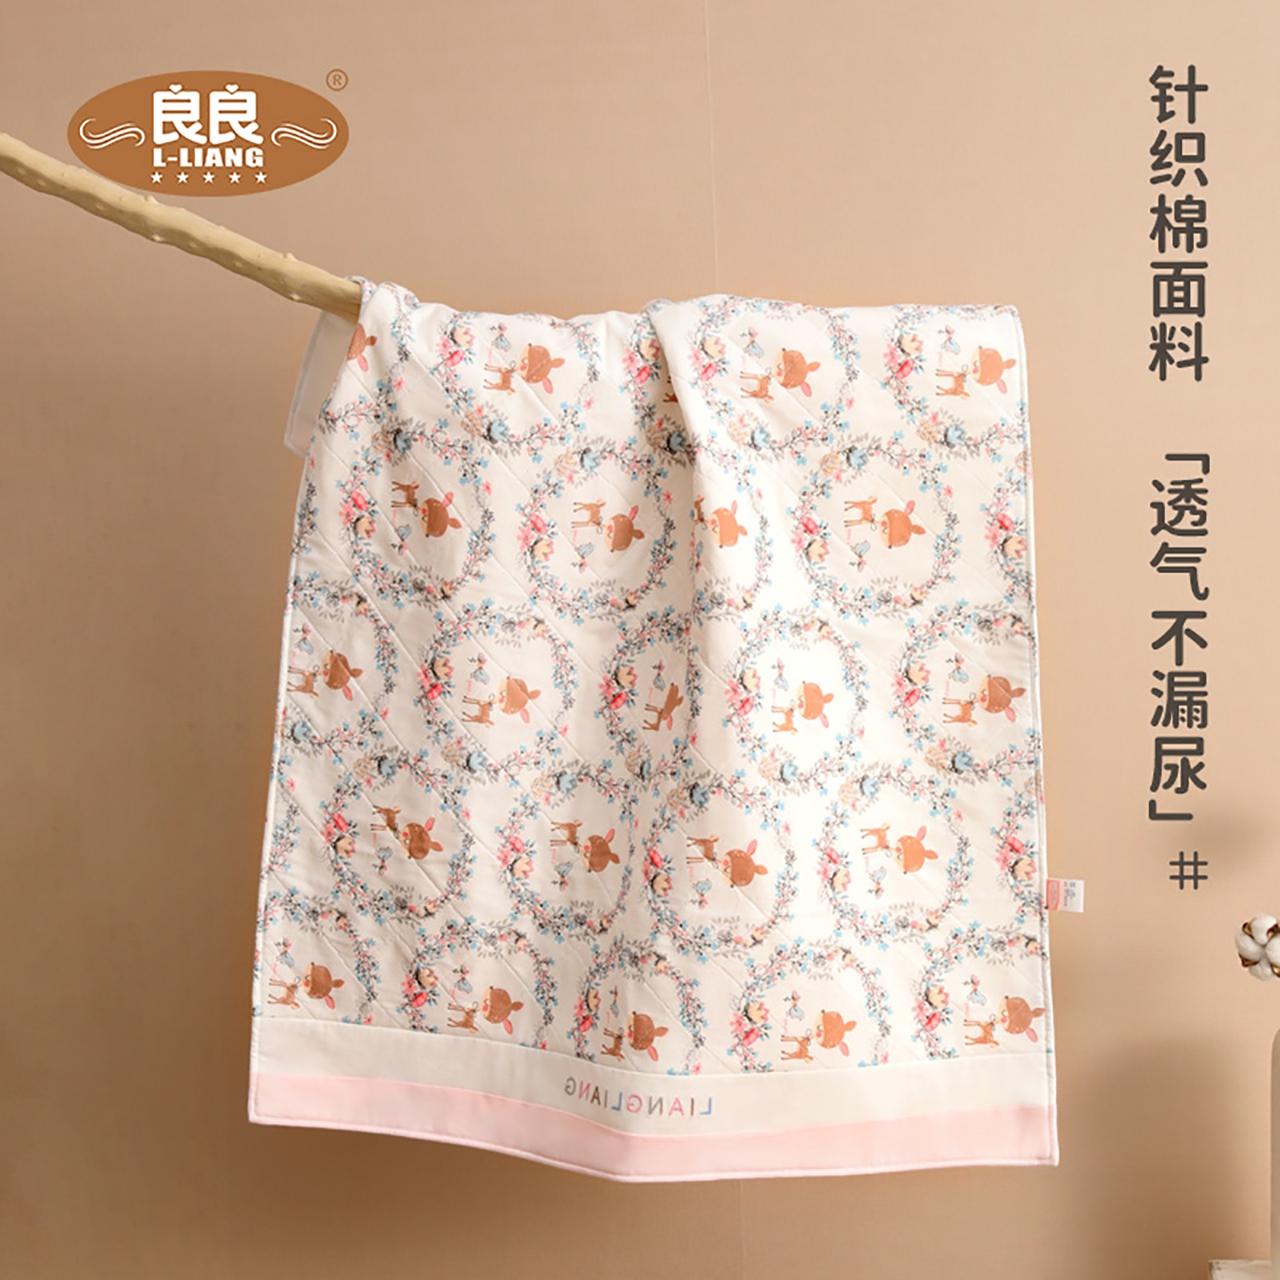 良良 婴儿纯棉隔尿垫防水可洗 新生儿宝宝加大号儿童床垫尿垫透气